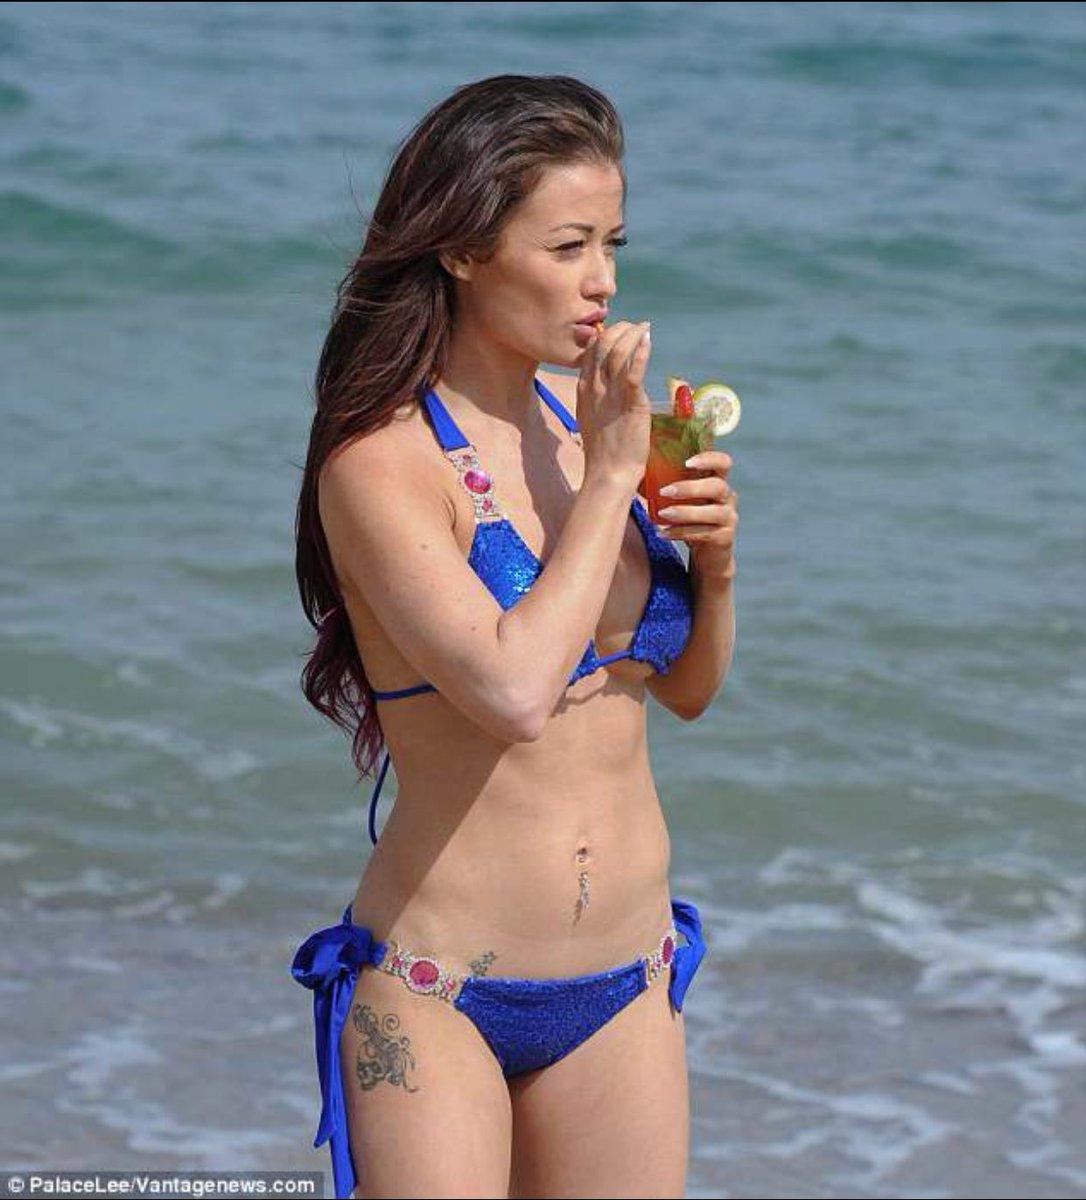 Bikini Jess Impiazzi nude (89 photo), Tits, Is a cute, Feet, underwear 2017